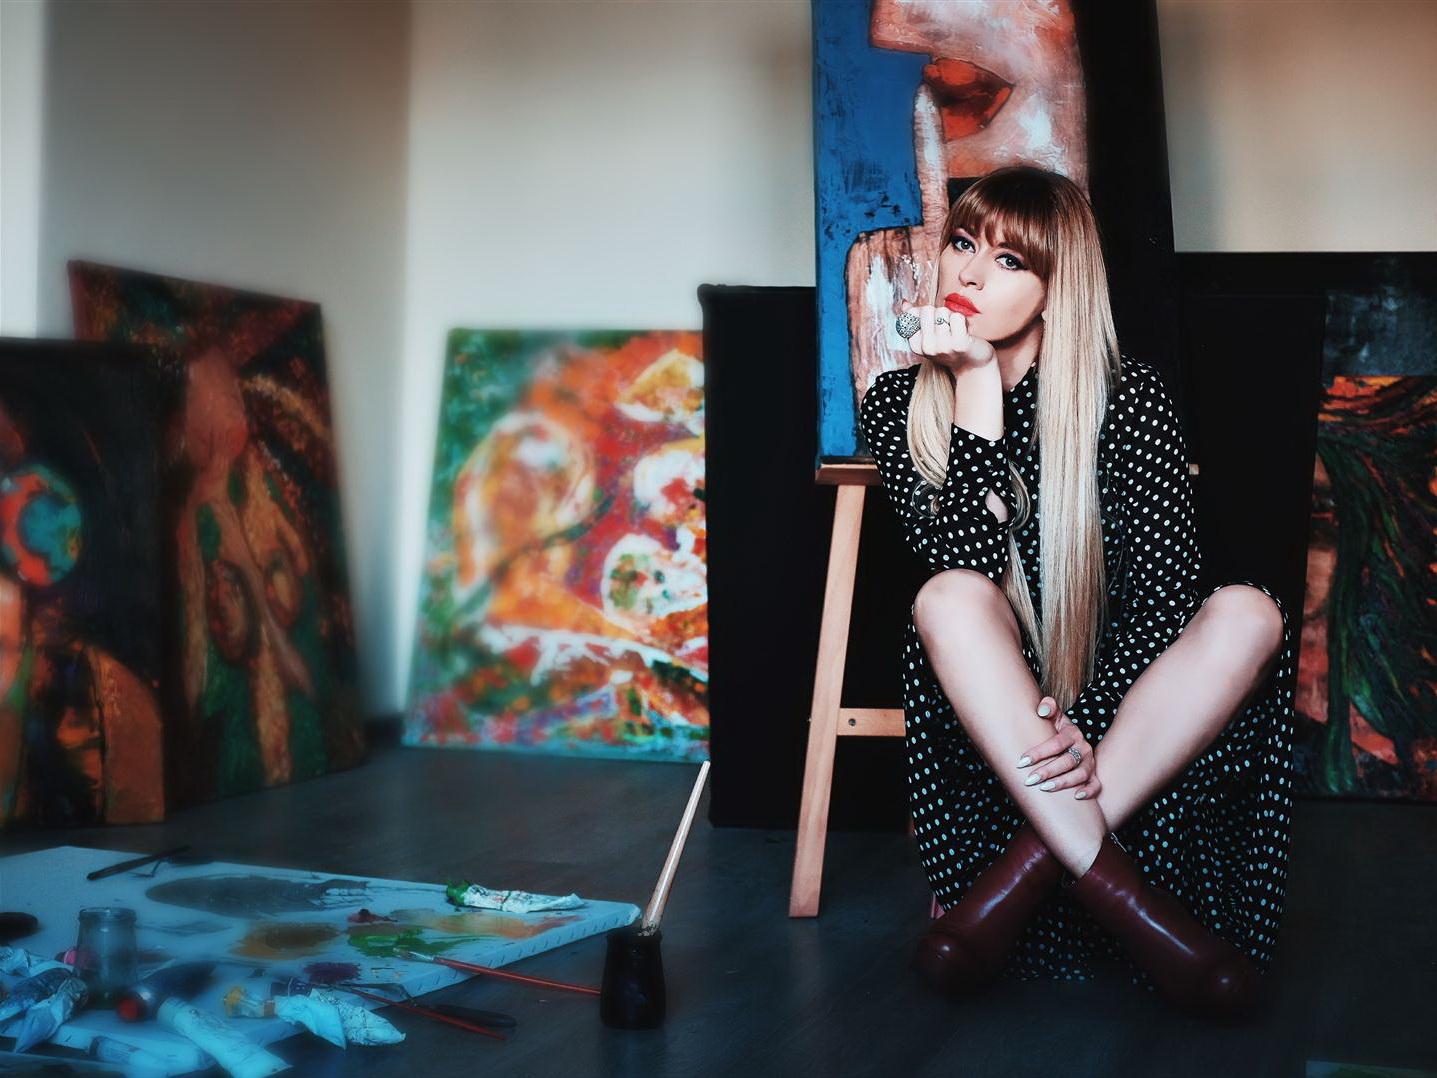 Искусство без правил. Азербайджанская художница представляет выставку «Трансформации» - ФОТО